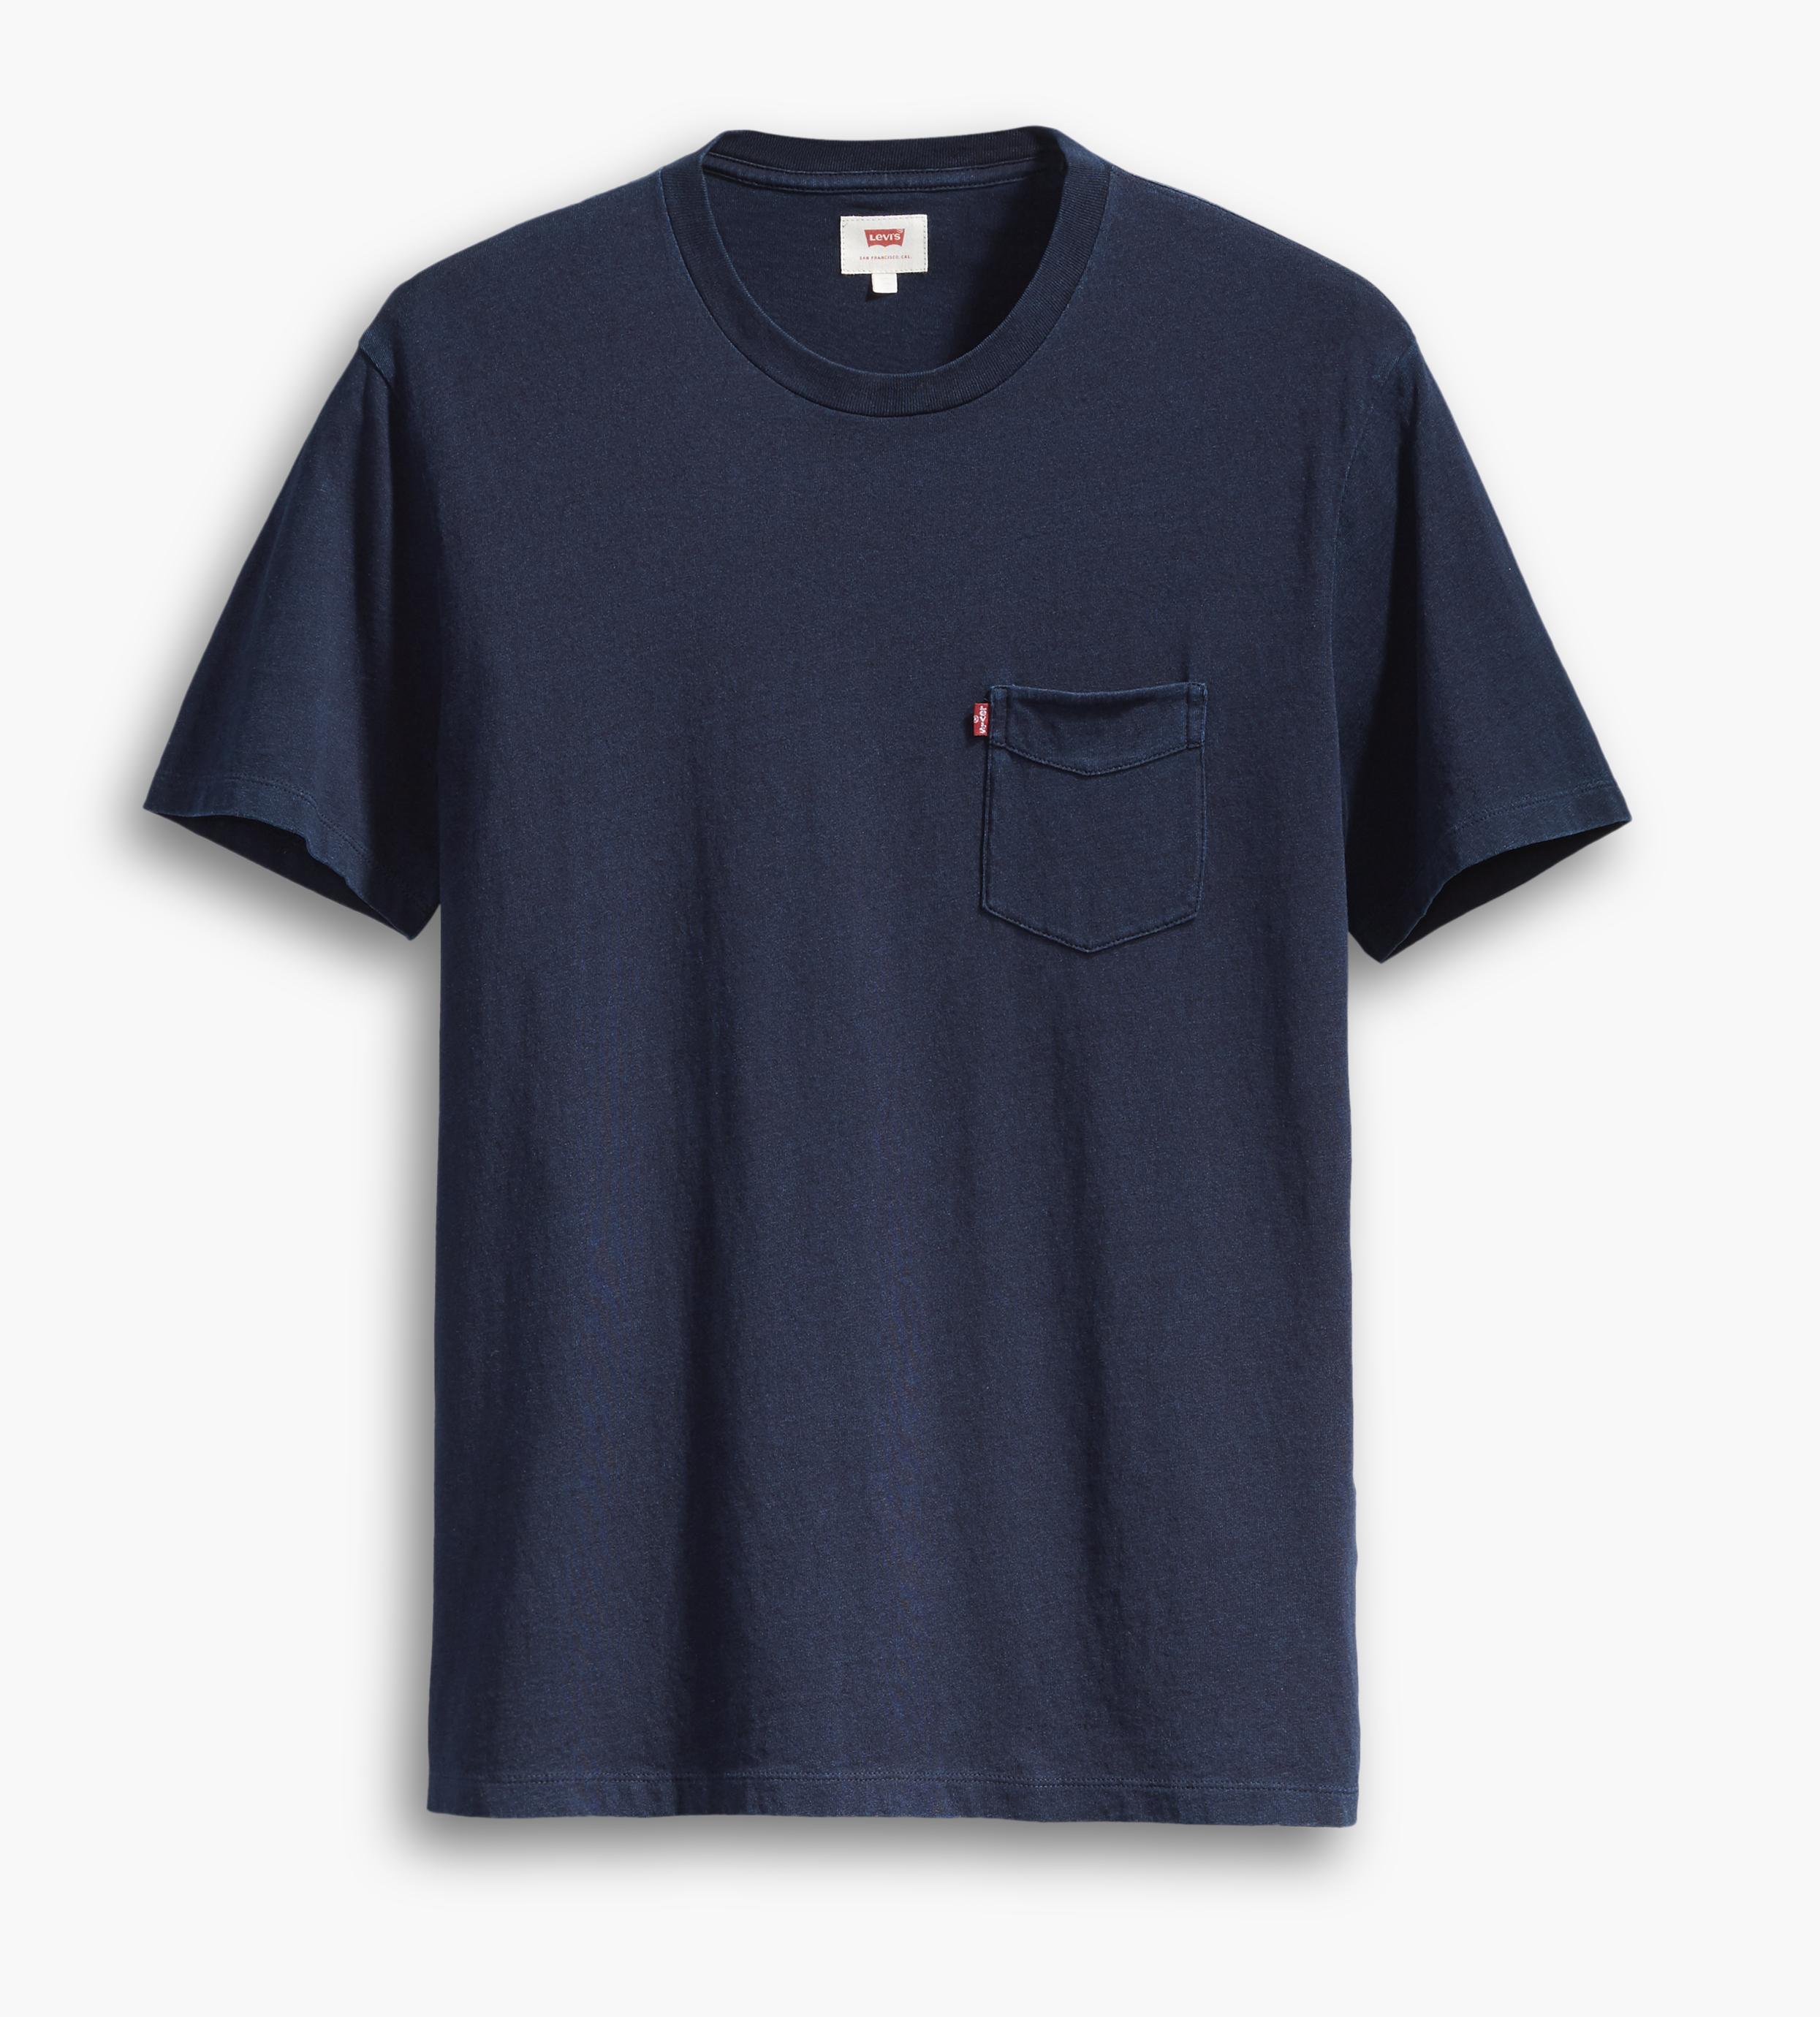 LEVIS Shirts Rundhals T-Shirt 29813-0014 navy W18-LVT1